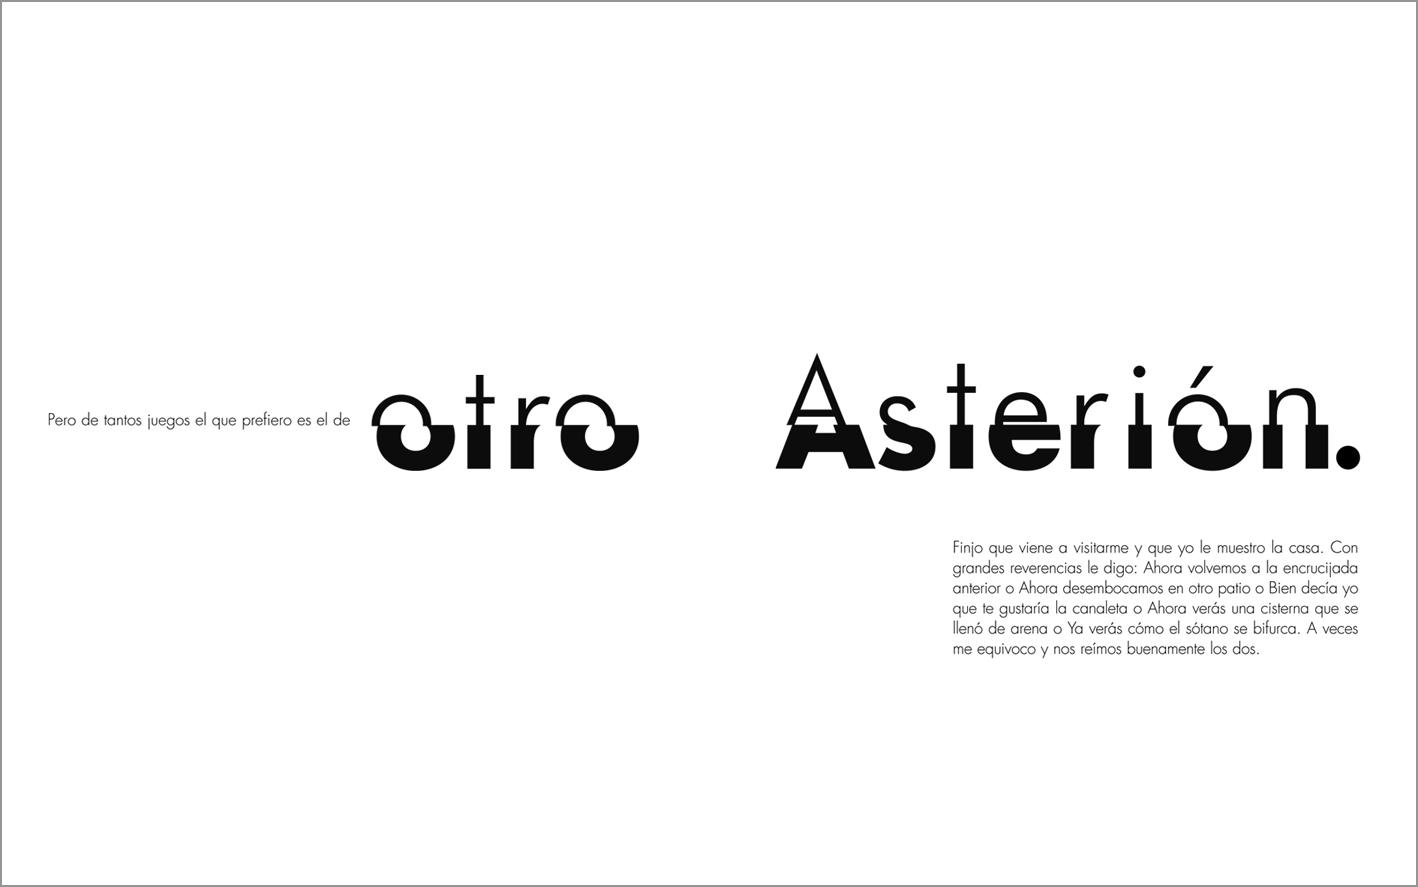 Muestra de ilustraciones de La casa de Asterión de Jorge Luis Borges  por Verónica Moretta, Nórdicalibros.